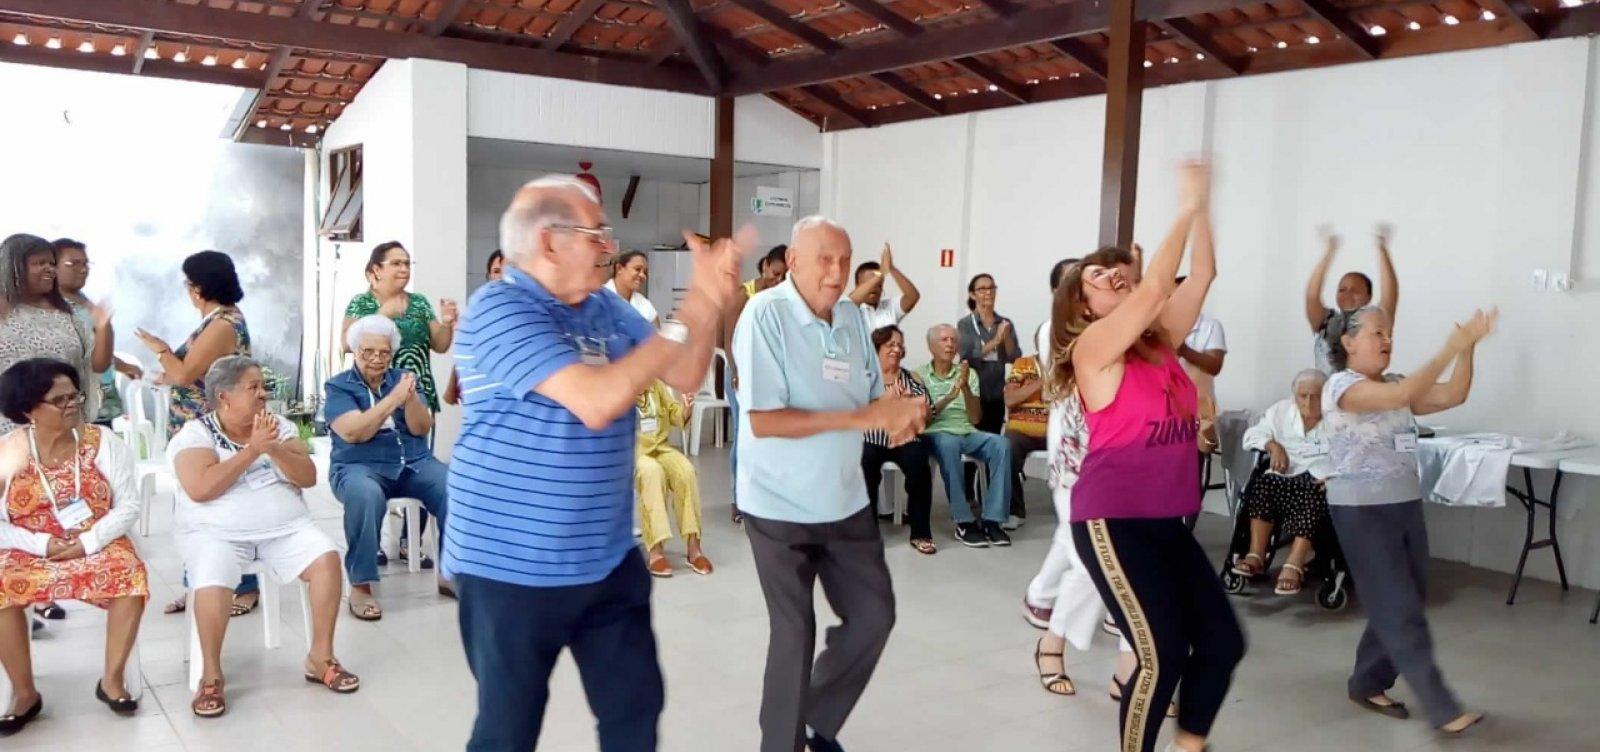 Unimed oferece programa com atividades físicas e de lazer gratuitas na Barra